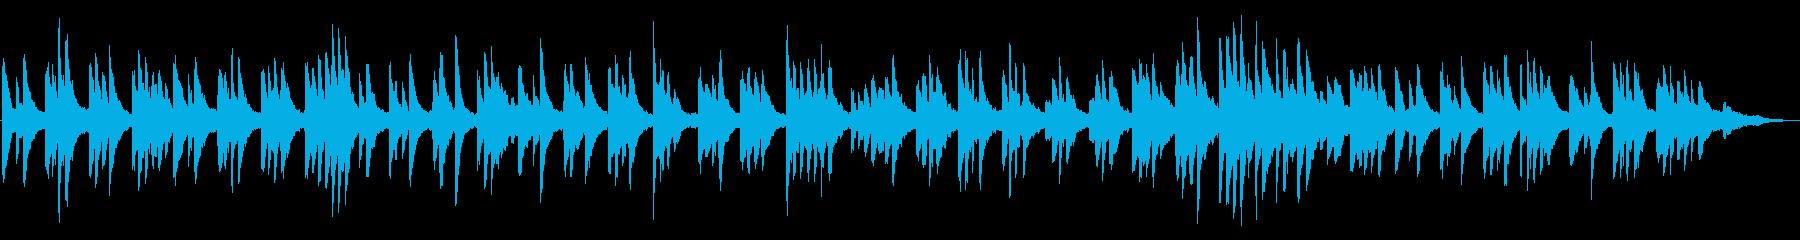 風景動画・ヨガ ヒーリング系ピアノソロの再生済みの波形